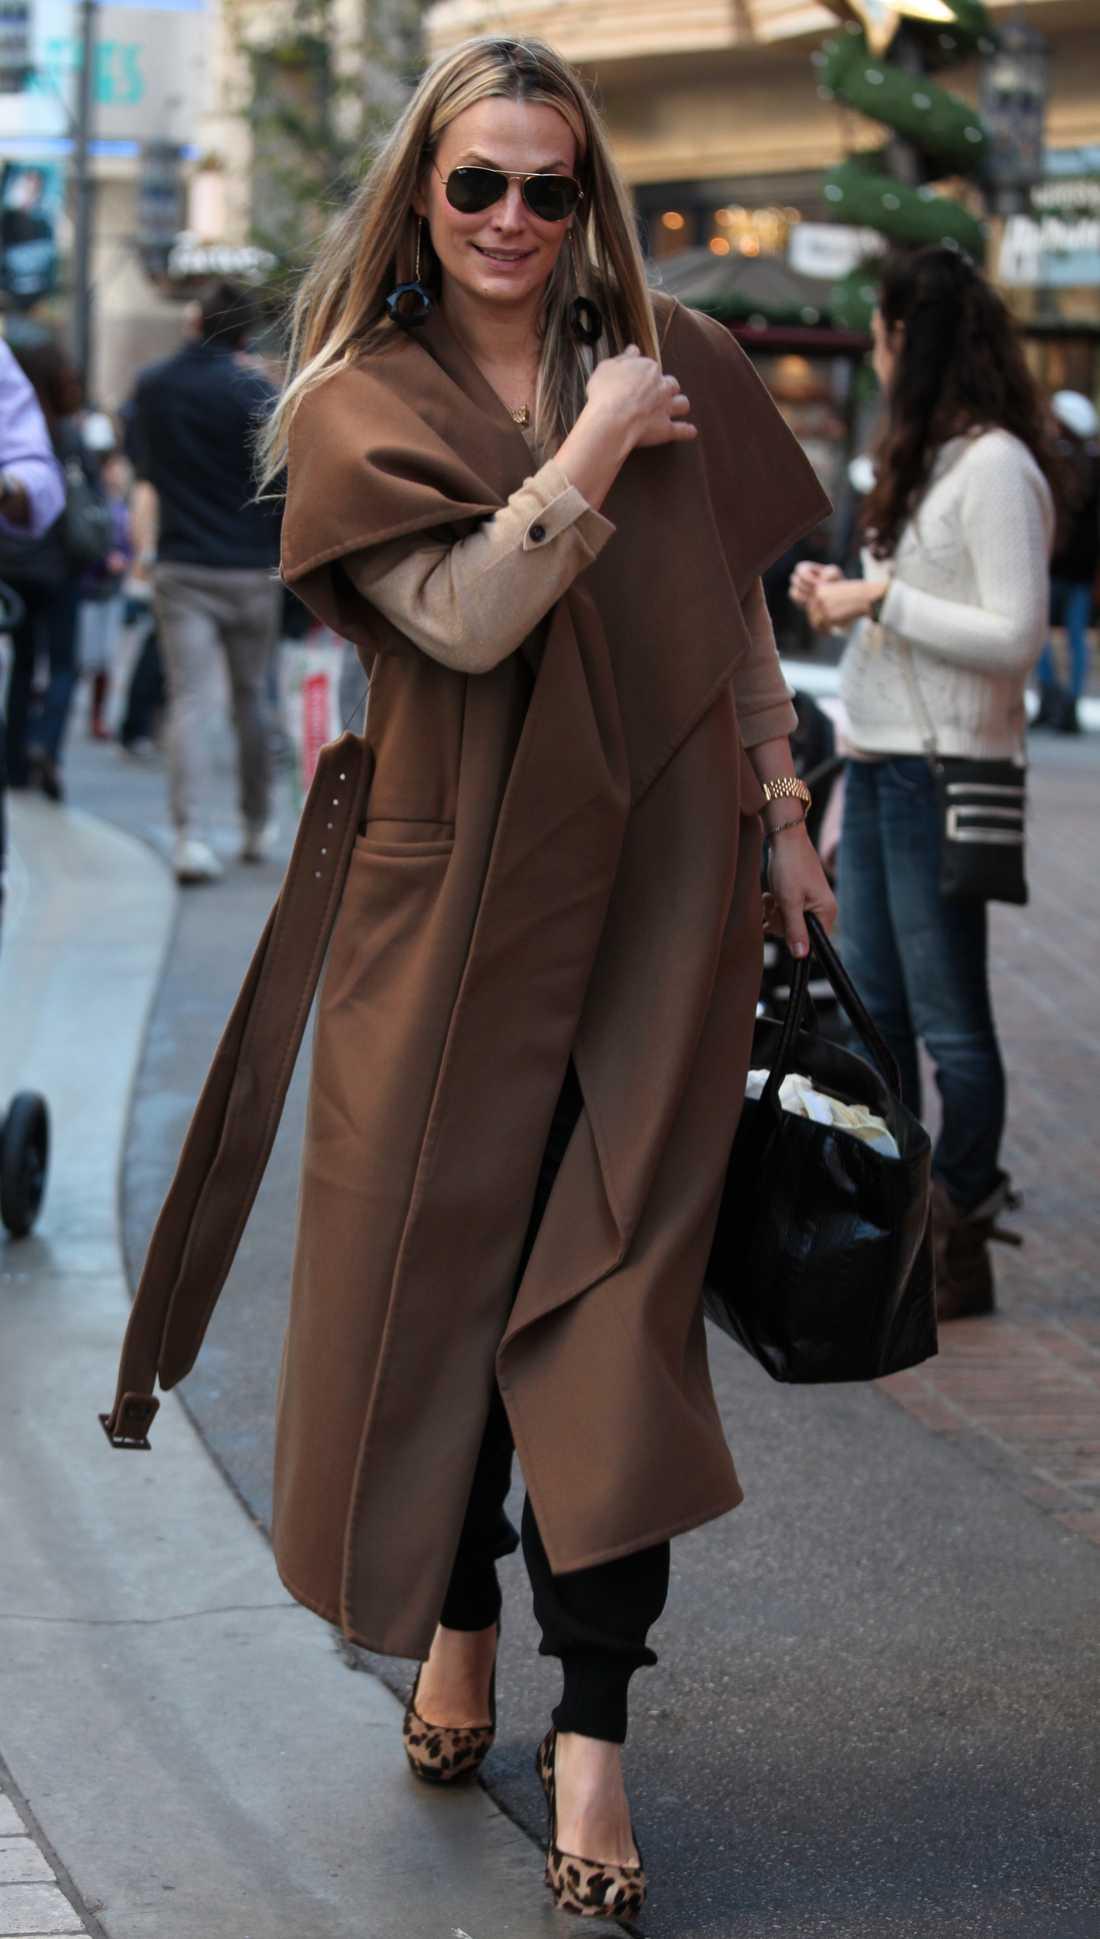 Molly Sims slänger och flänger i lång, brun kappa och leopardpumps.